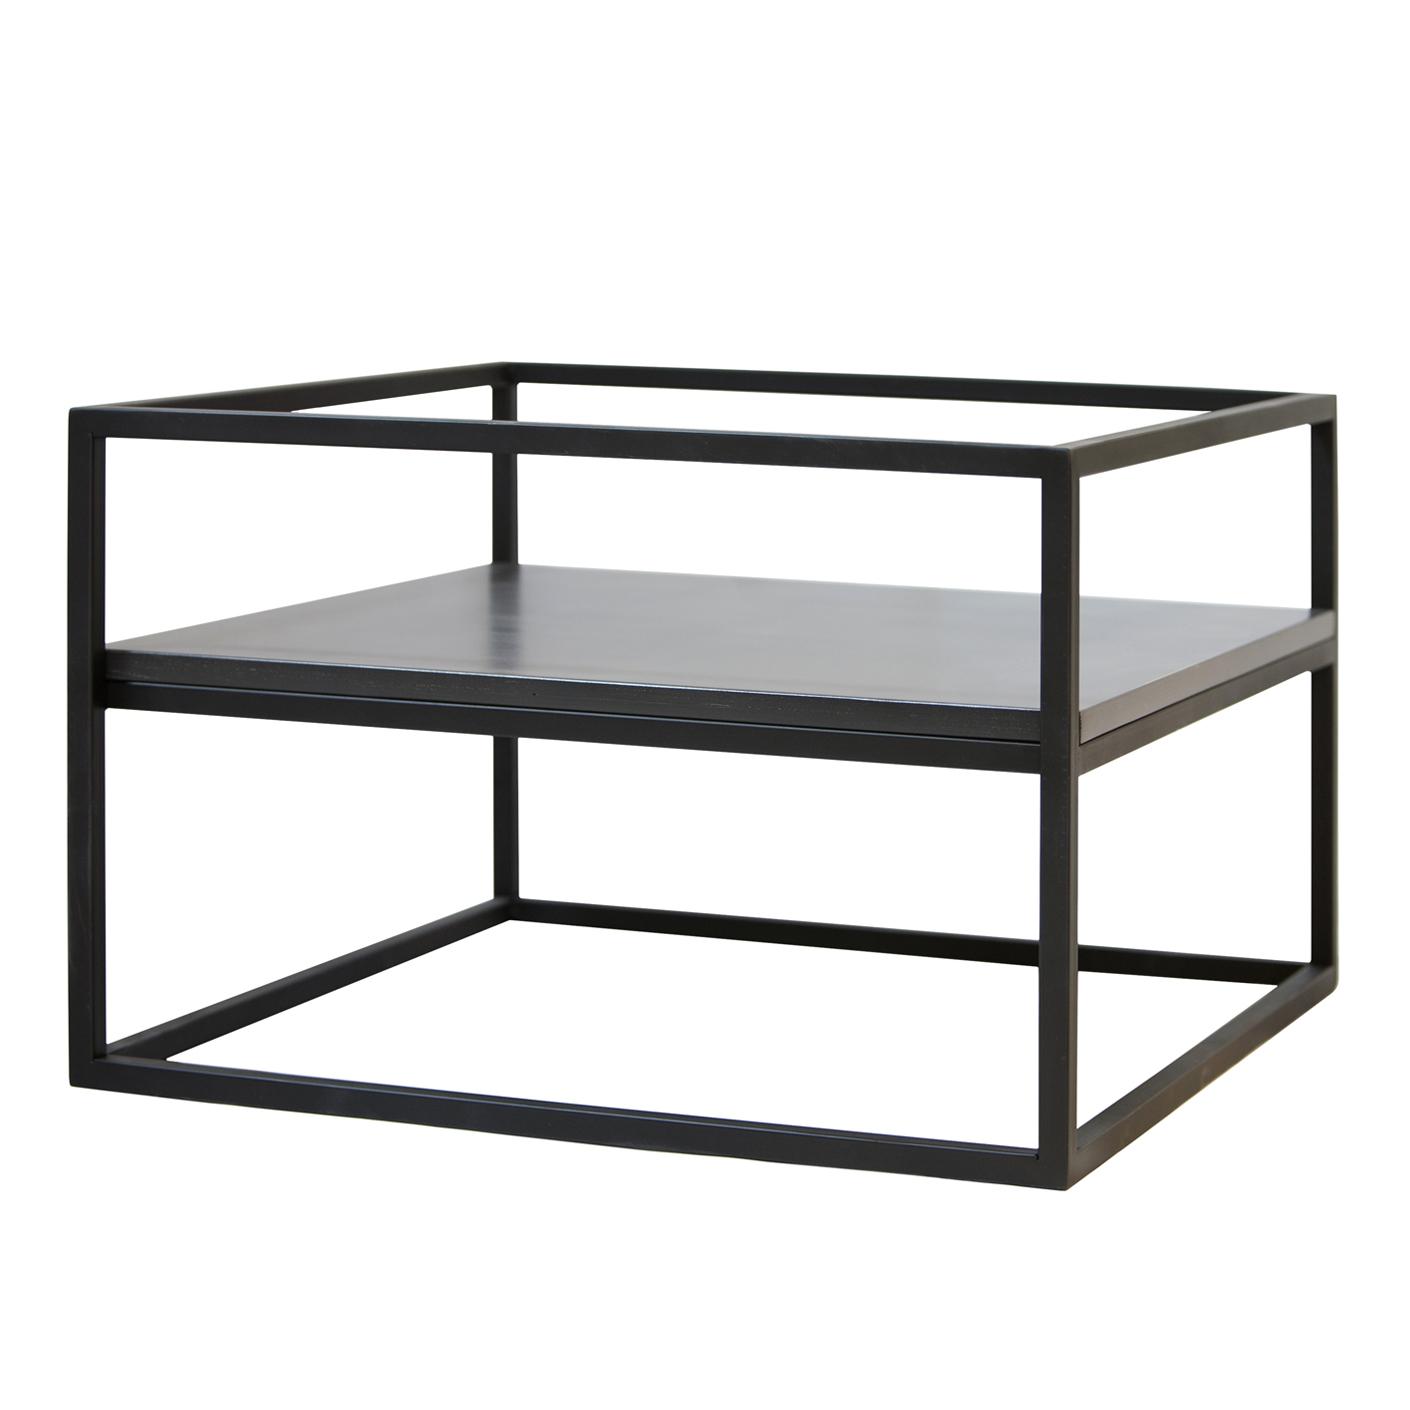 Стол Metalstructure 3Журнальные столики<br>&amp;lt;div&amp;gt;Коллекция &amp;quot;Metalstructure&amp;quot; - это комбинация мебели, восходящей к промышленной эстетике, где эстетичность отступает на второй план. А на первом месте оказываются такие способы выражения дизайнерской мысли как замена привычных ножек одной металлической конструкцией и грубые прямоугольные формы. Именно эти черты делают стол от бренда Archpole брутальным представителем интерьера в стиле лофт.&amp;lt;/div&amp;gt;&amp;lt;div&amp;gt;&amp;lt;br&amp;gt;&amp;lt;/div&amp;gt;&amp;lt;div&amp;gt;&amp;lt;div&amp;gt;&amp;lt;span style=&amp;quot;font-size: 14px;&amp;quot;&amp;gt;Материал: березовая фанера, стальная труба 20х20 мм.&amp;lt;/span&amp;gt;&amp;lt;/div&amp;gt;&amp;lt;div&amp;gt;&amp;lt;span style=&amp;quot;font-size: 14px;&amp;quot;&amp;gt;Особенности: на основание крепится мебельный войлок.&amp;lt;/span&amp;gt;&amp;lt;/div&amp;gt;&amp;lt;/div&amp;gt;&amp;lt;div&amp;gt;Возможно изготовление в других размерах и цветах. Подробности уточняйте у менеджеров.&amp;lt;br&amp;gt;&amp;lt;/div&amp;gt;&amp;lt;div&amp;gt;&amp;lt;/div&amp;gt;<br><br>Material: Фанера<br>Ширина см: 70<br>Высота см: 45<br>Глубина см: 70